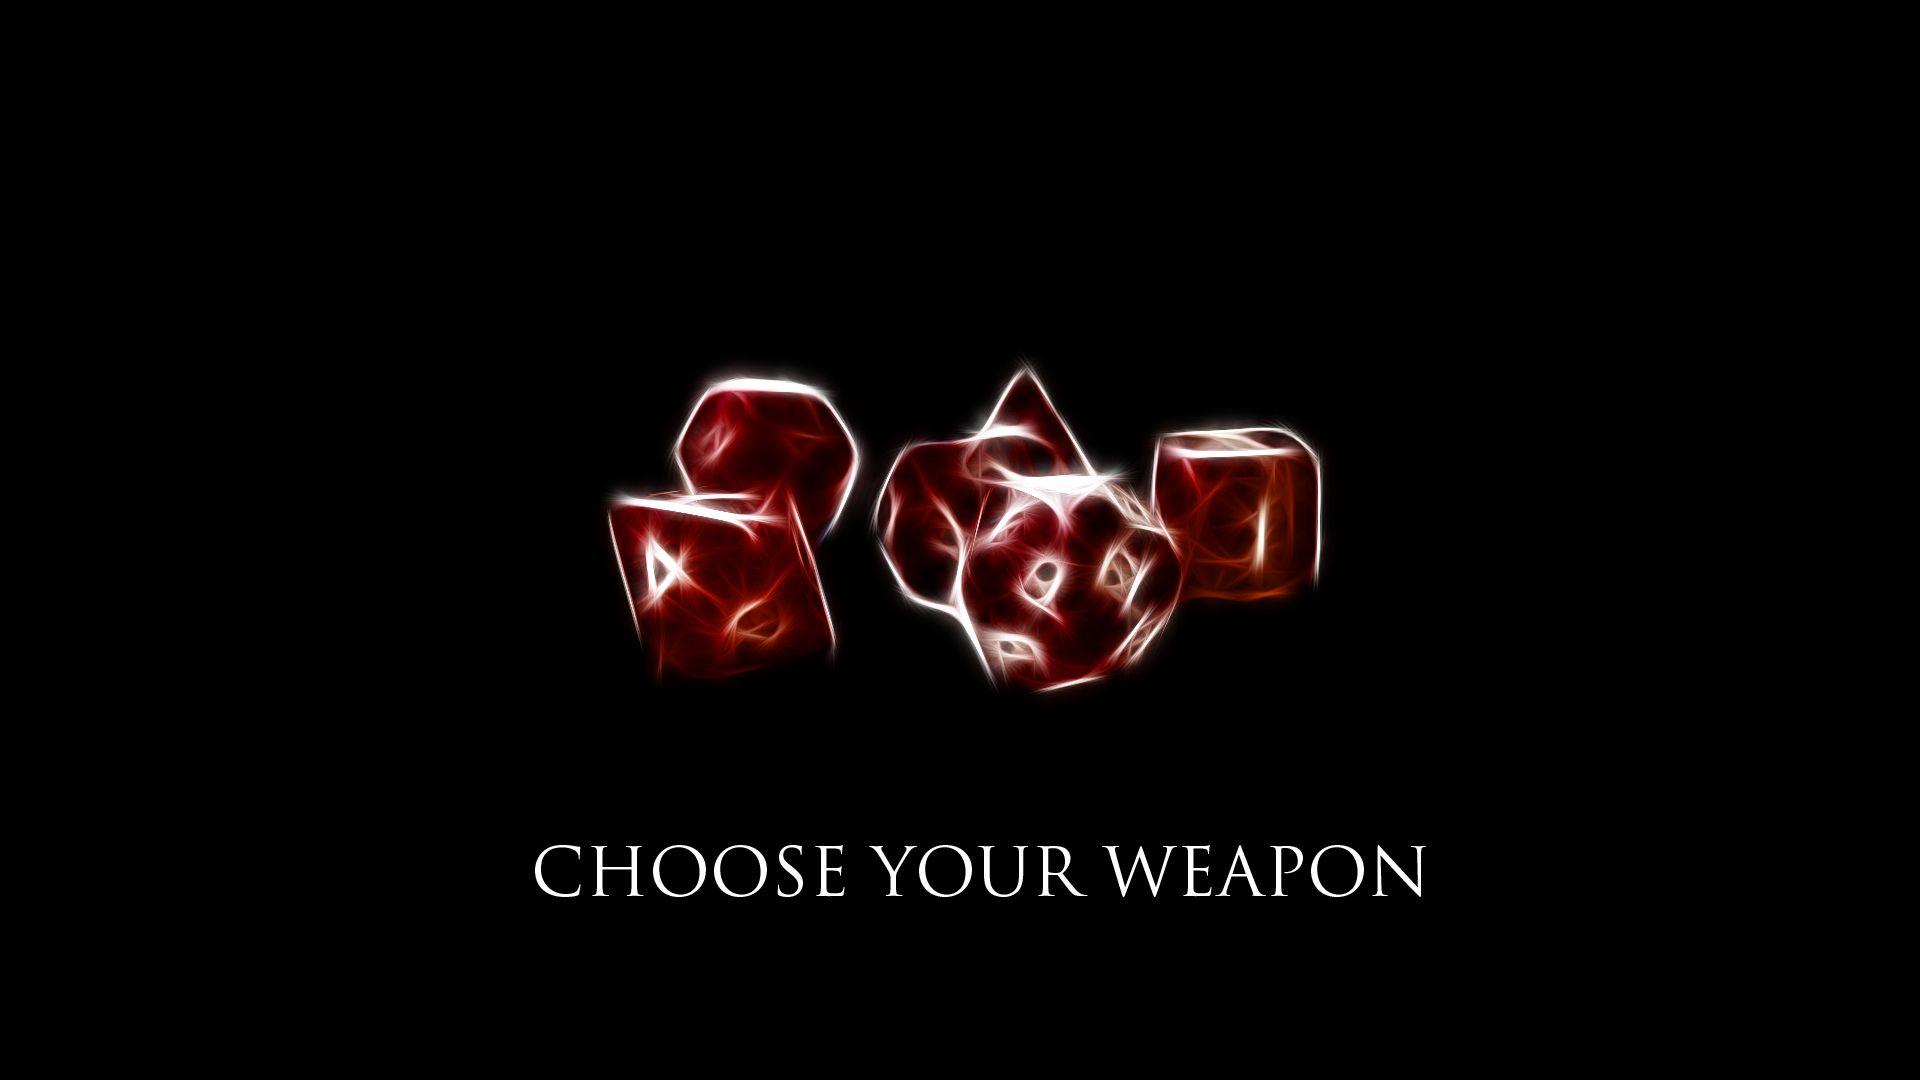 D&D wallpapers   D&d, Dungeons, dragons, Rpg